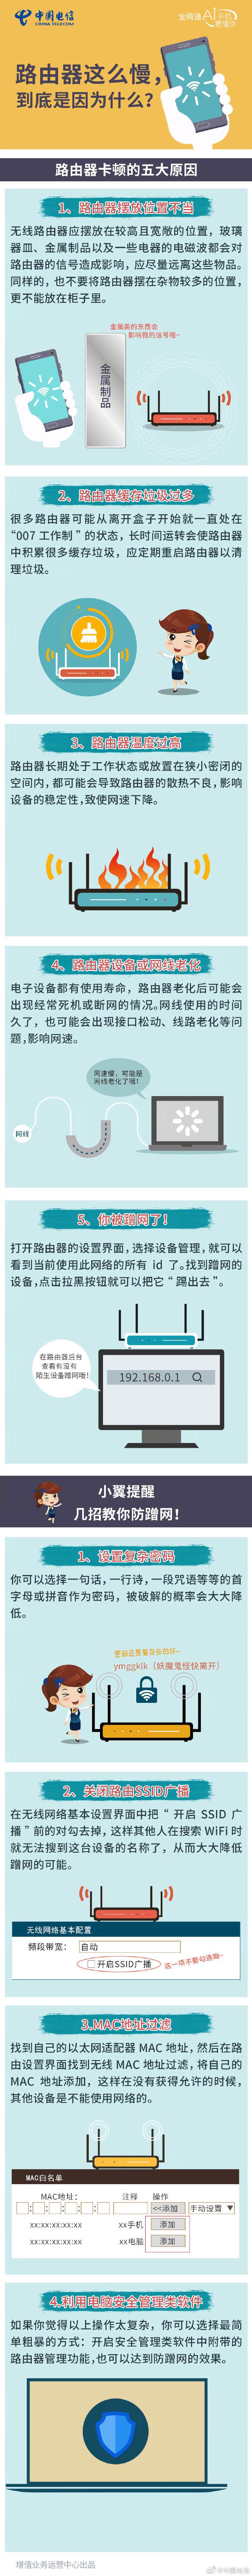 中国电信:路由器这么慢,到底是因为什么?